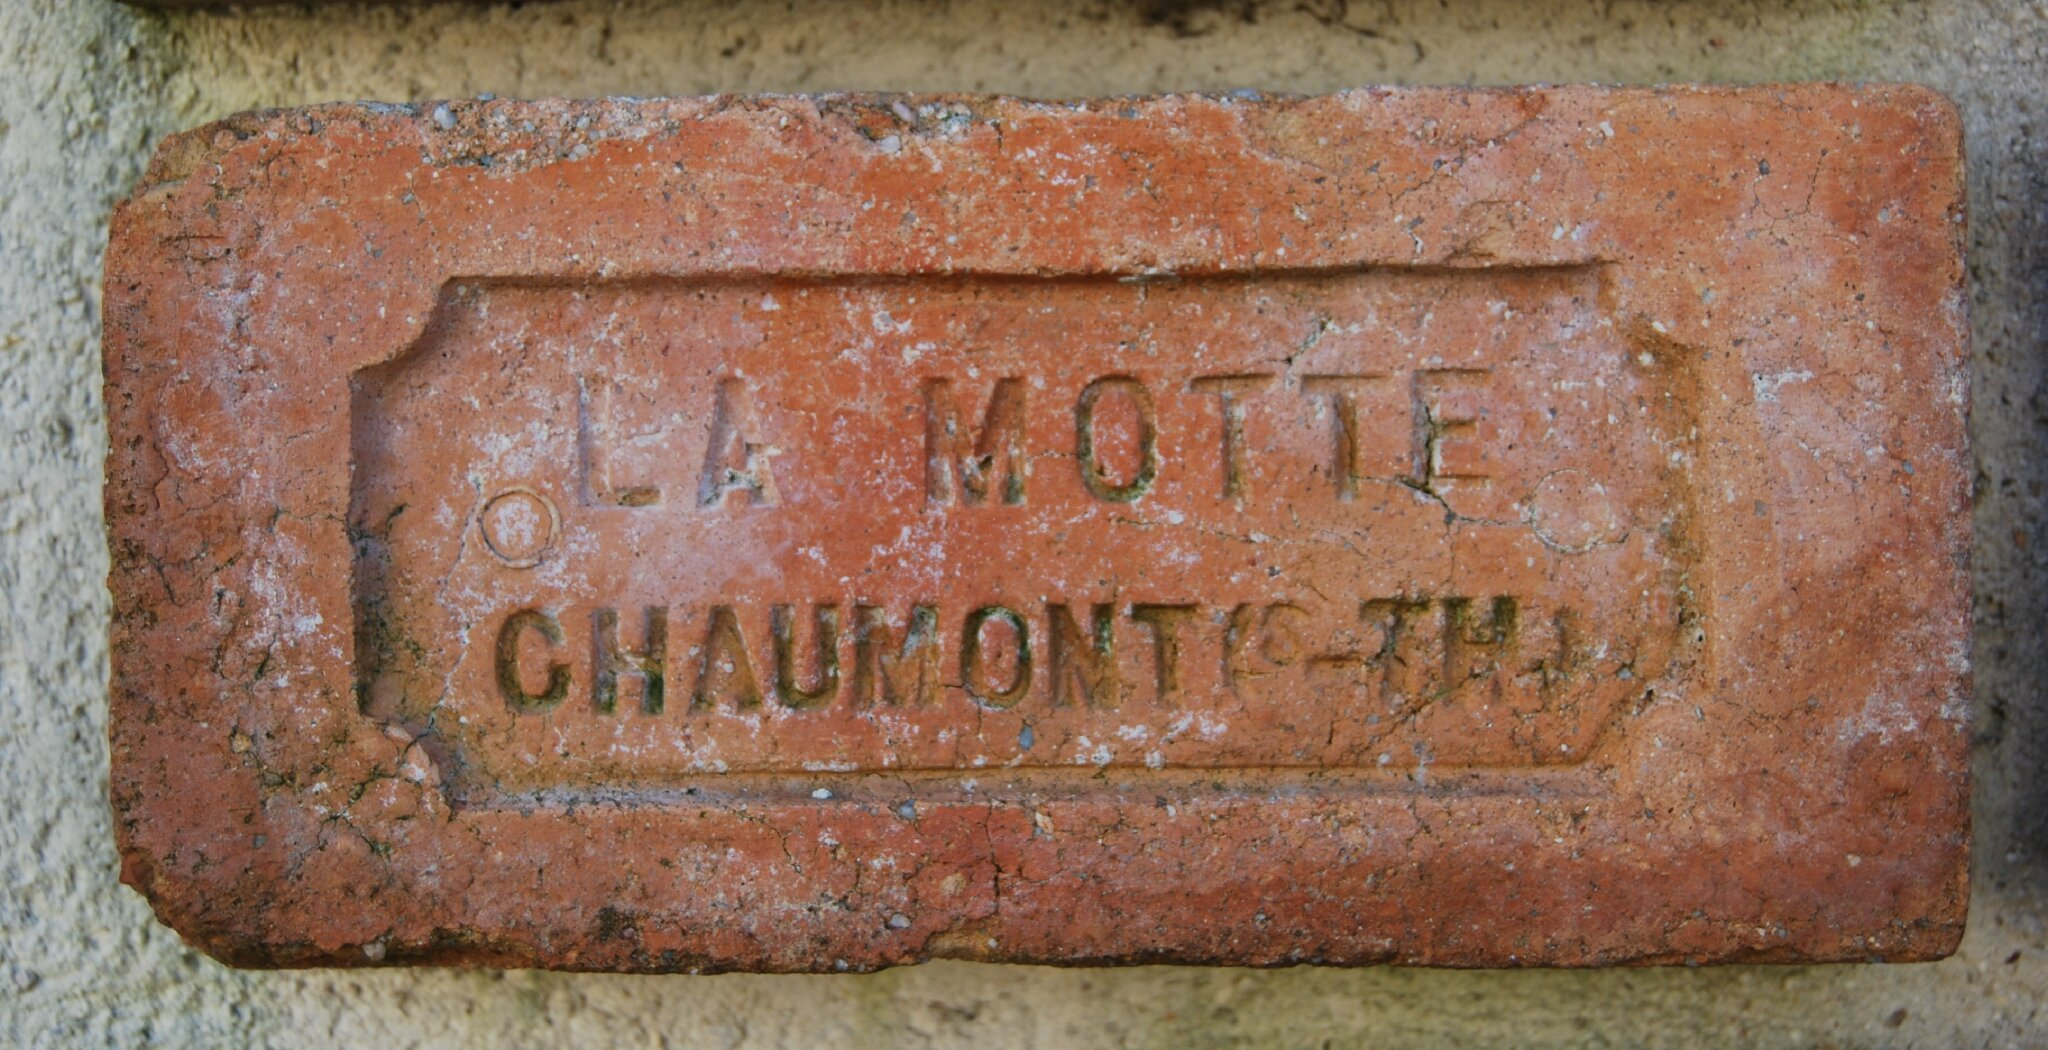 La Motte à Chaumont 1